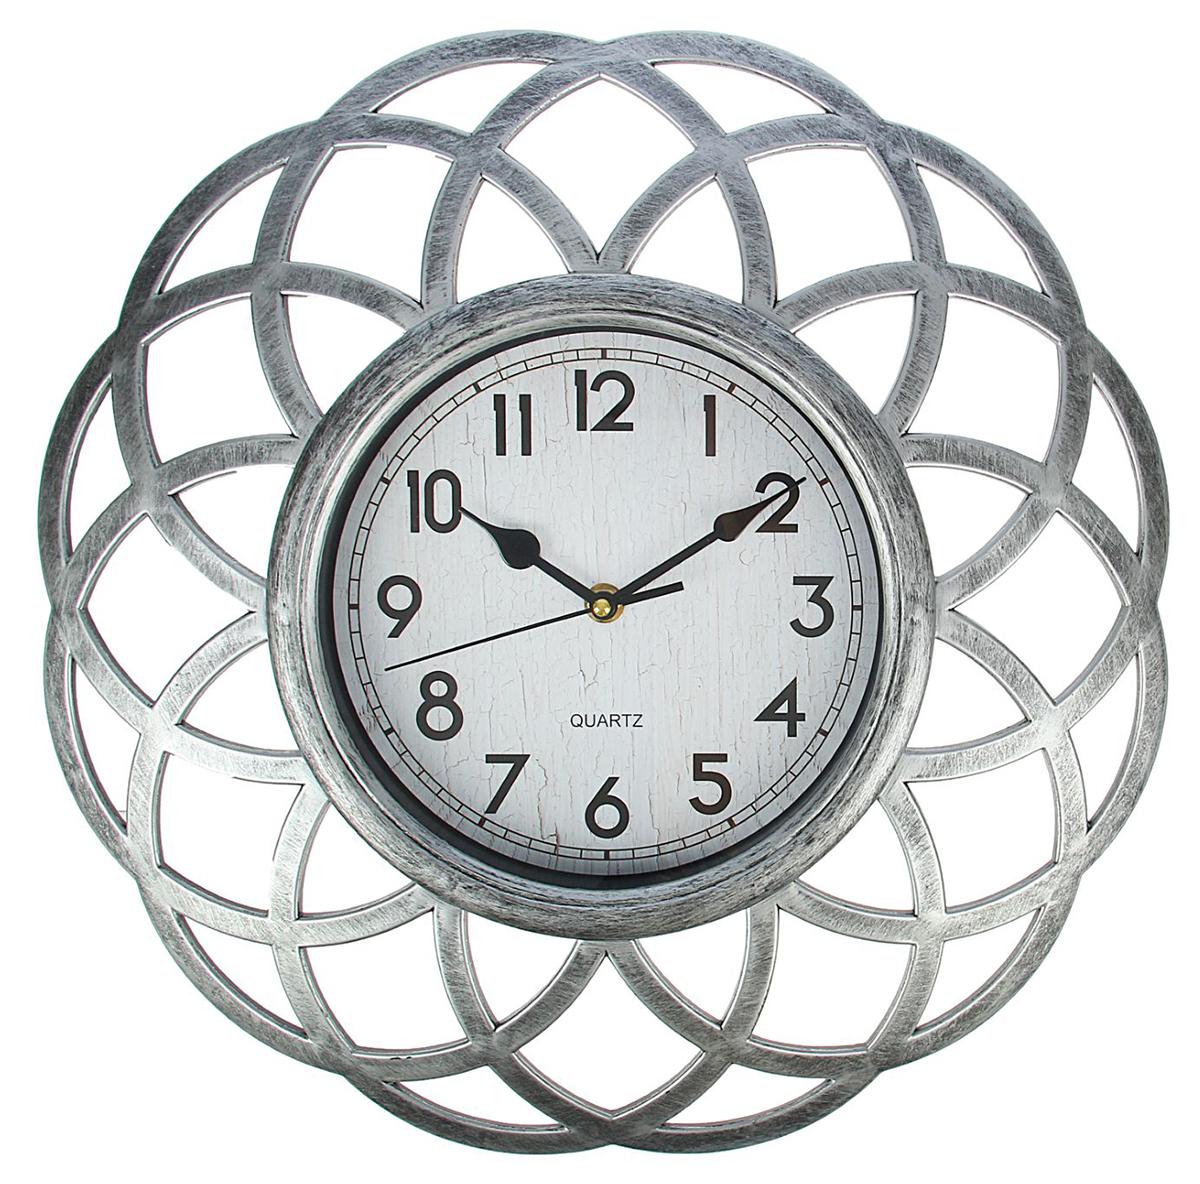 Часы настенные Жанна. Треугольники, цвет: хром, диаметр 39 см1586547Каждому хозяину периодически приходит мысль обновить свою квартиру, сделать ремонт, перестановку или кардинально поменять внешний вид каждой комнаты. Часы настенные Серия Жанна. Виражи, d=39 см, рама хром, циферблат ретро — привлекательная деталь, которая поможет воплотить вашу интерьерную идею, создать неповторимую атмосферу в вашем доме. Окружите себя приятными мелочами, пусть они радуют глаз и дарят гармонию.Часы настенные серия Жанна, рама треугольники хром, ретро циферблат d=39см 1586547